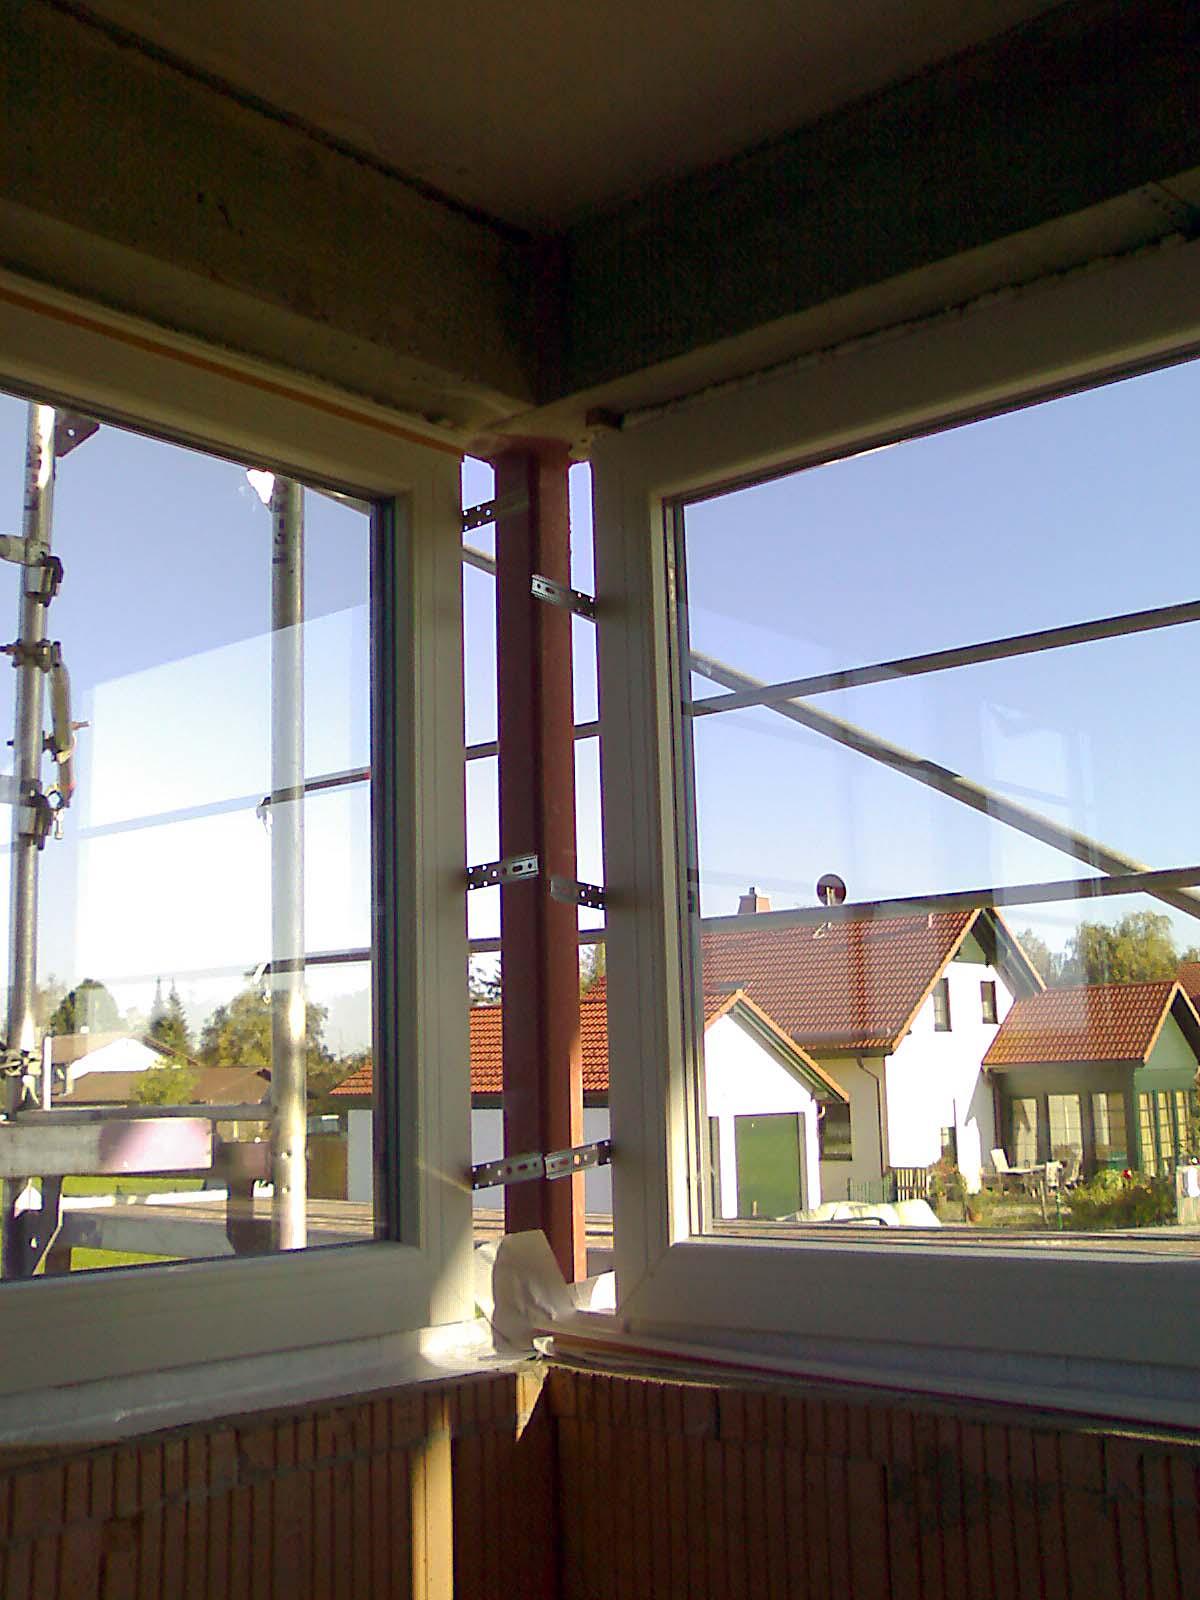 Schlafzimmer Fenster Beschlagt Von Innen #21: Eckfenster Innenansicht BauBlog » Blog Archive » Fenster!